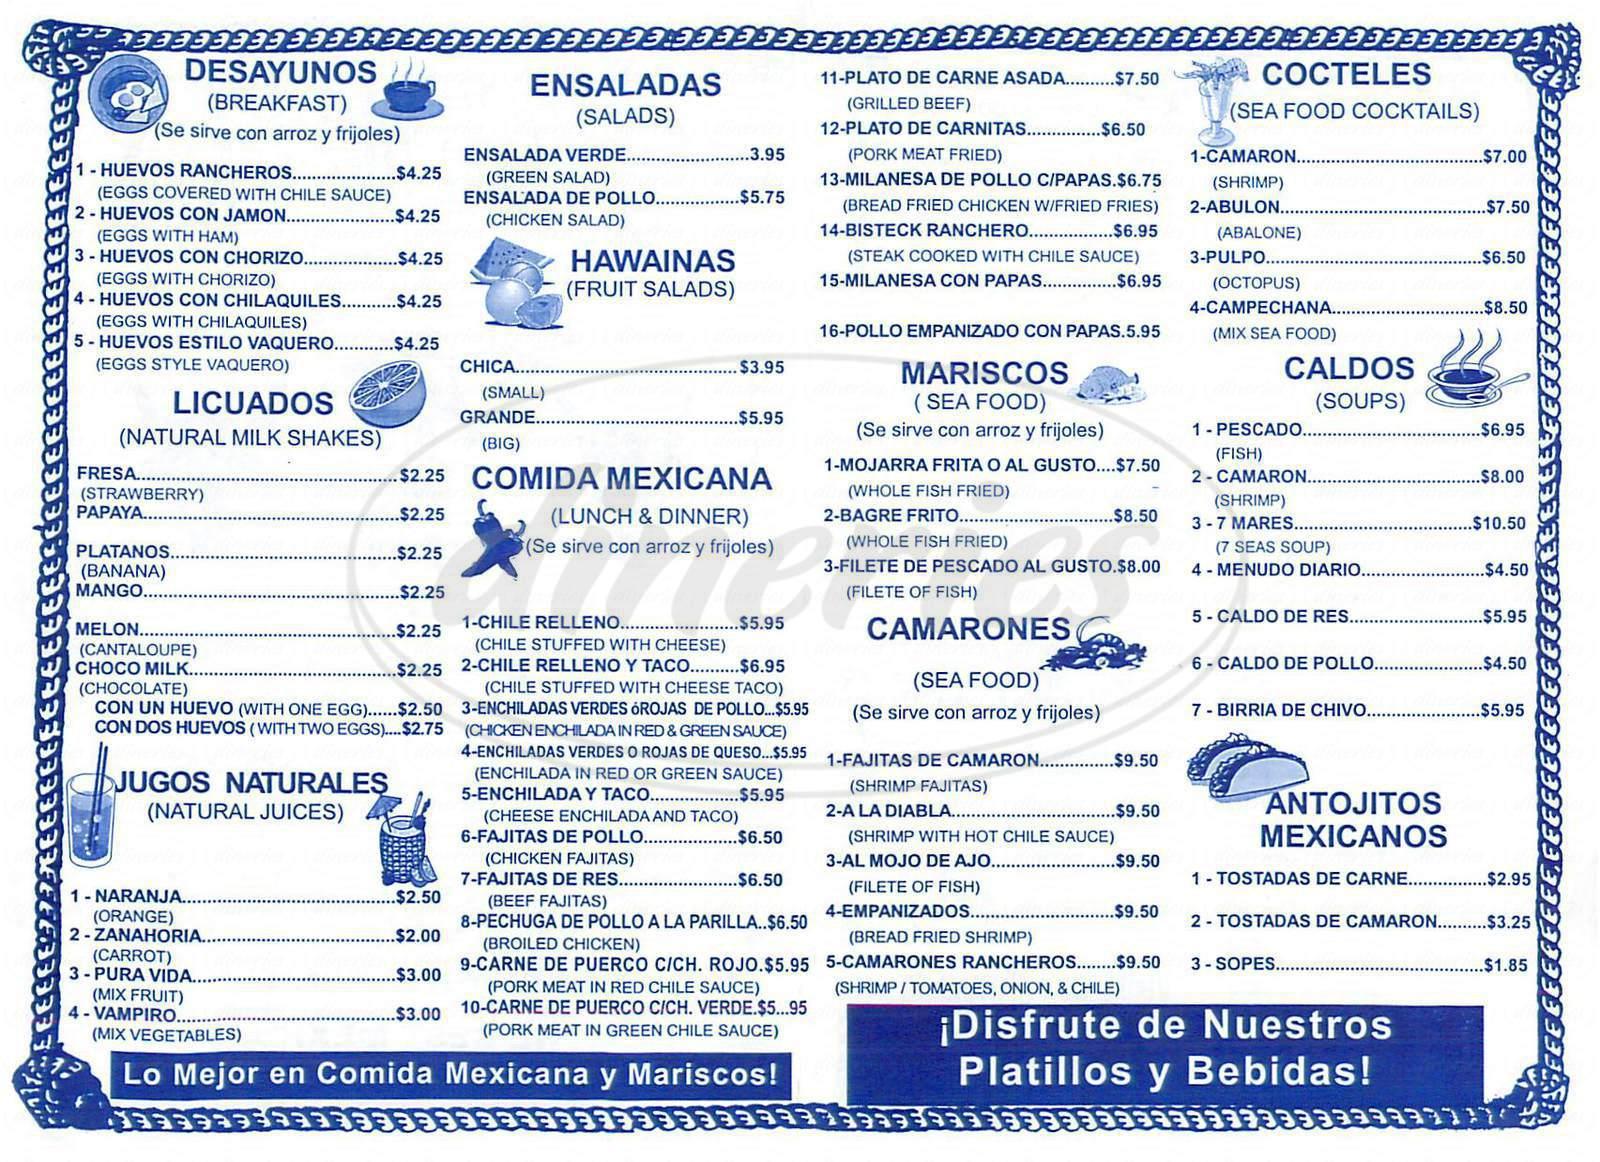 menu for El Taco Vaquero